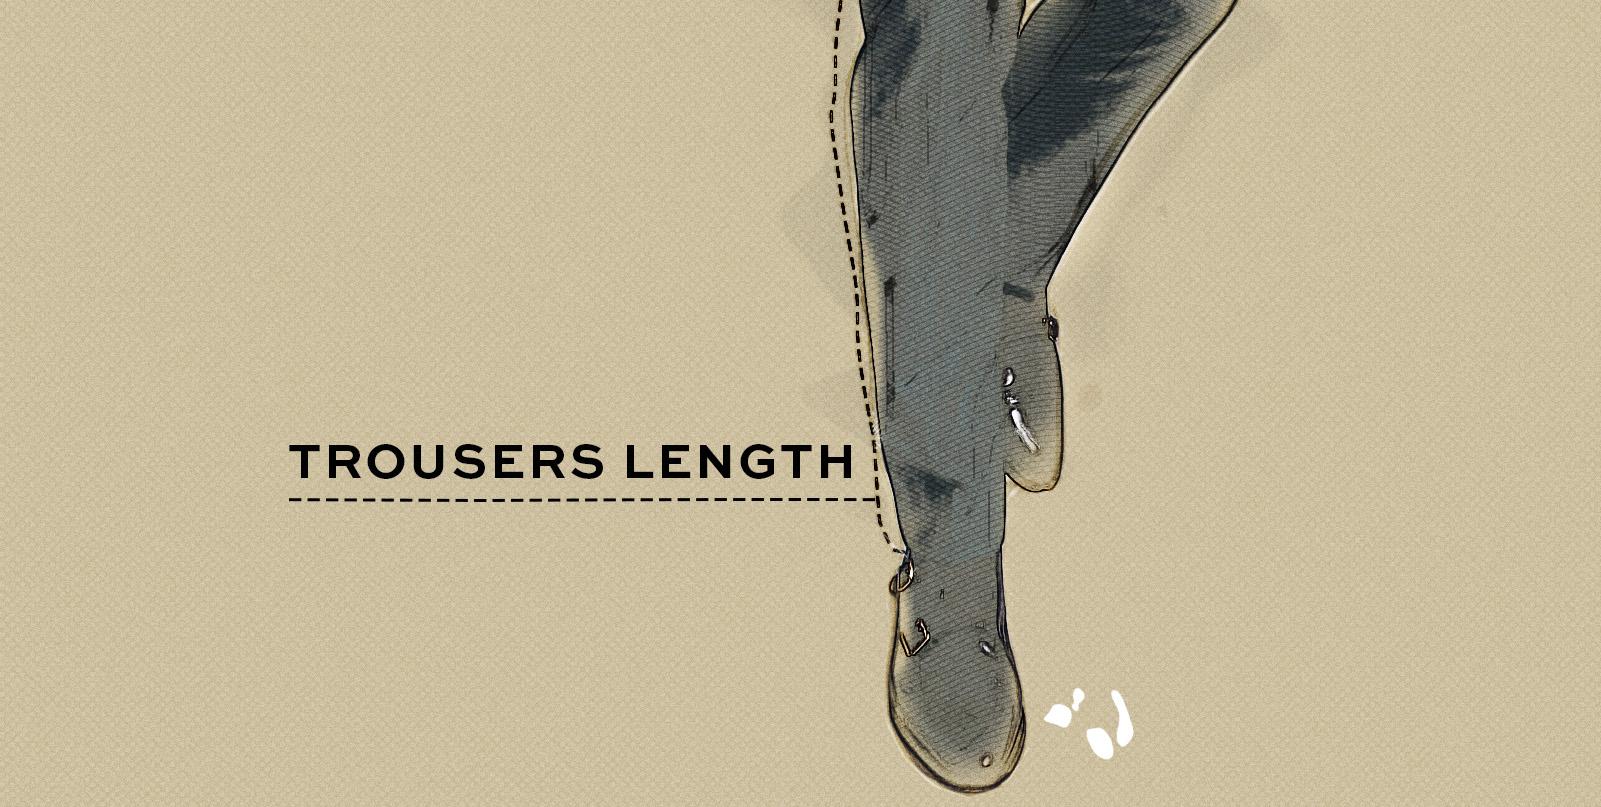 how-a-suit-should-fit-art-trousers-length-crop